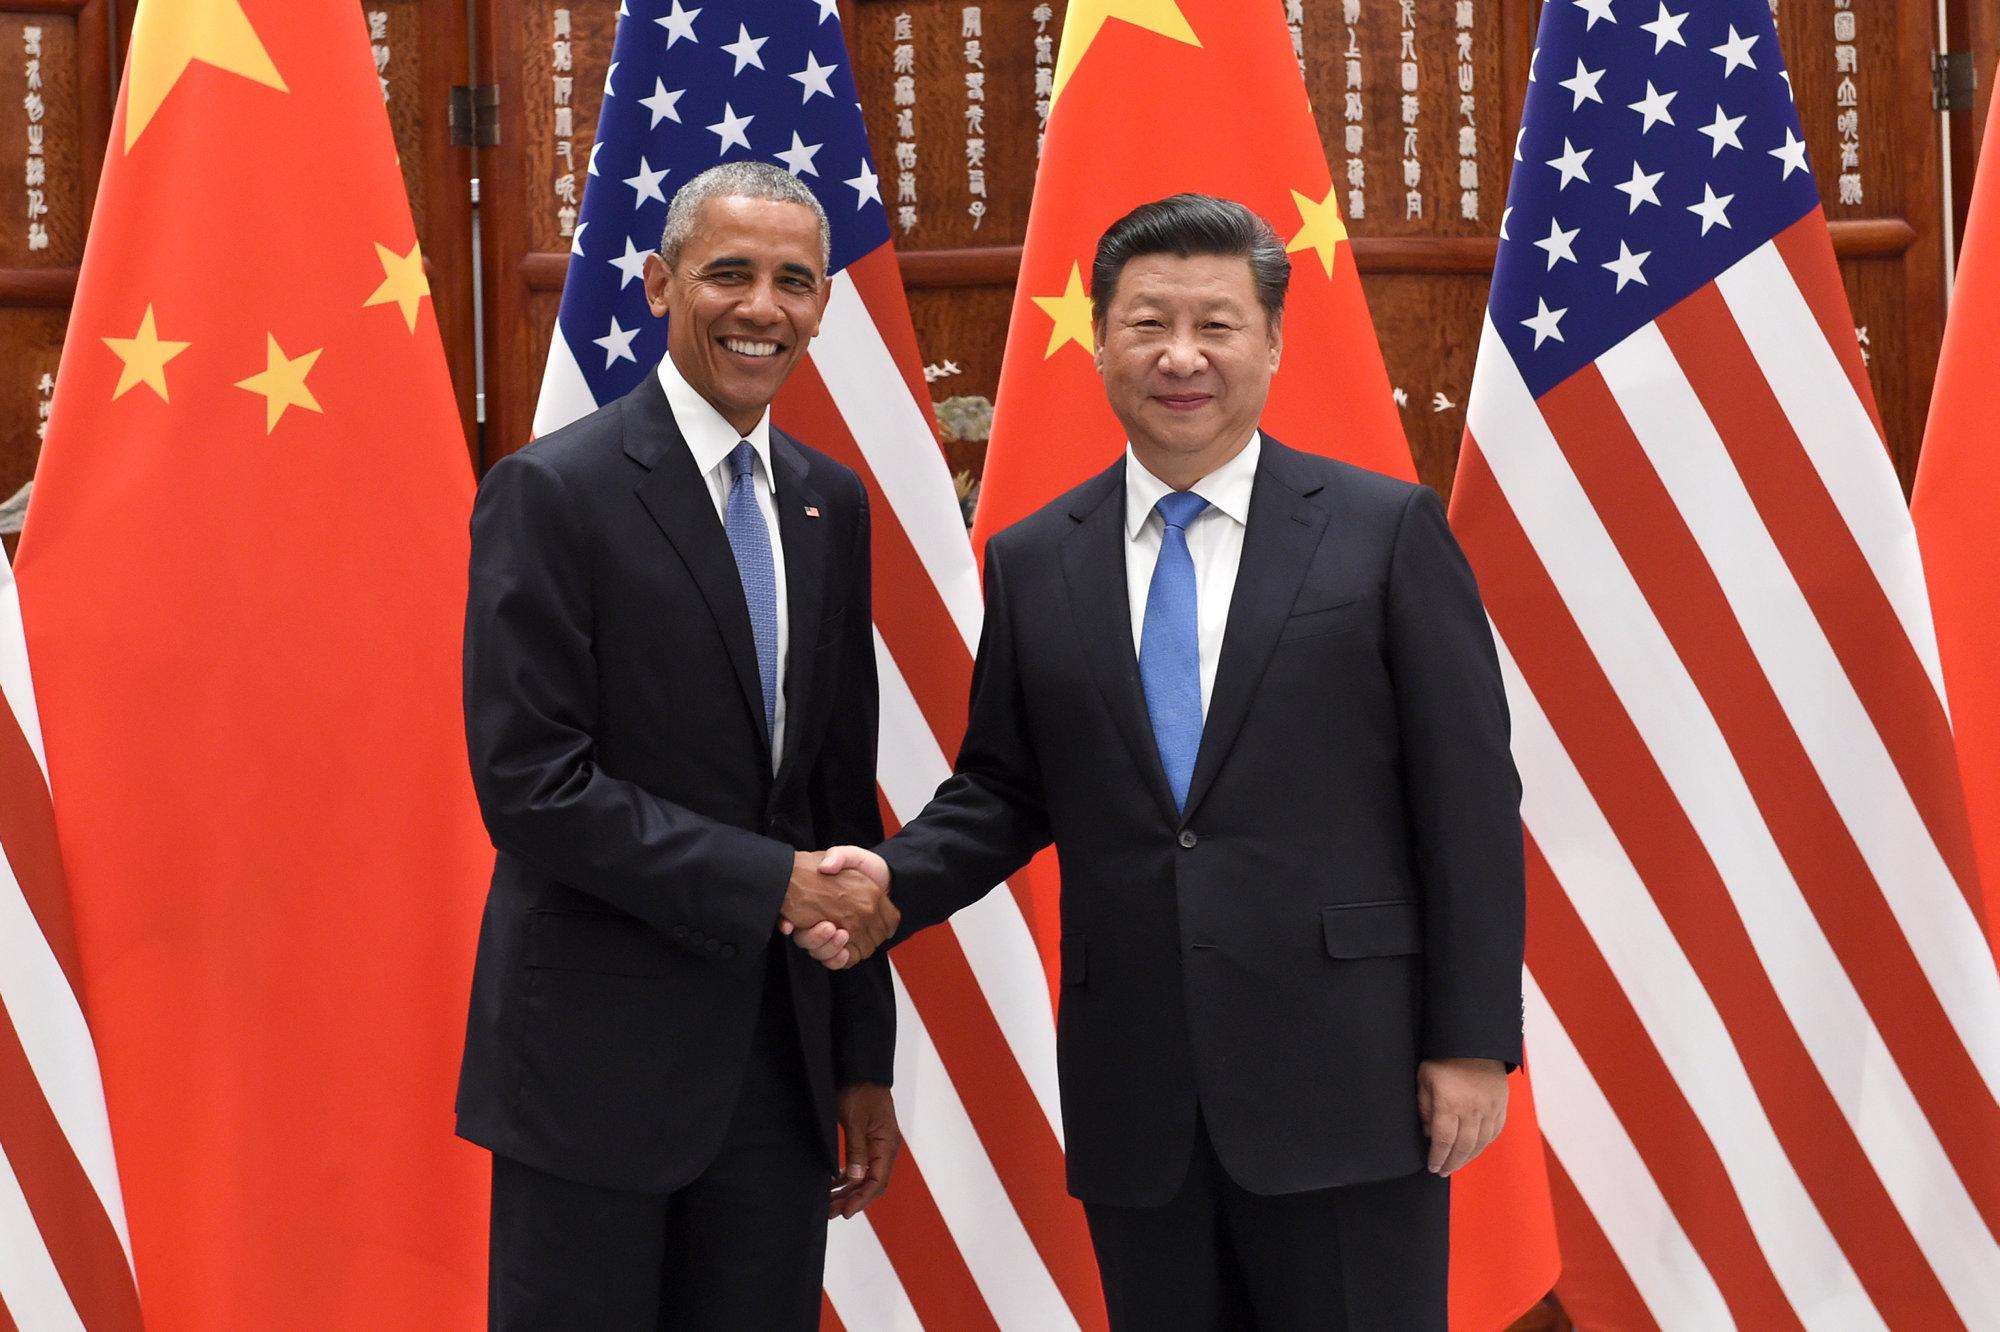 I presidenti di Stati Uniti e Cina durante il G20, dove hanno ratificato l'accordo di Parigi